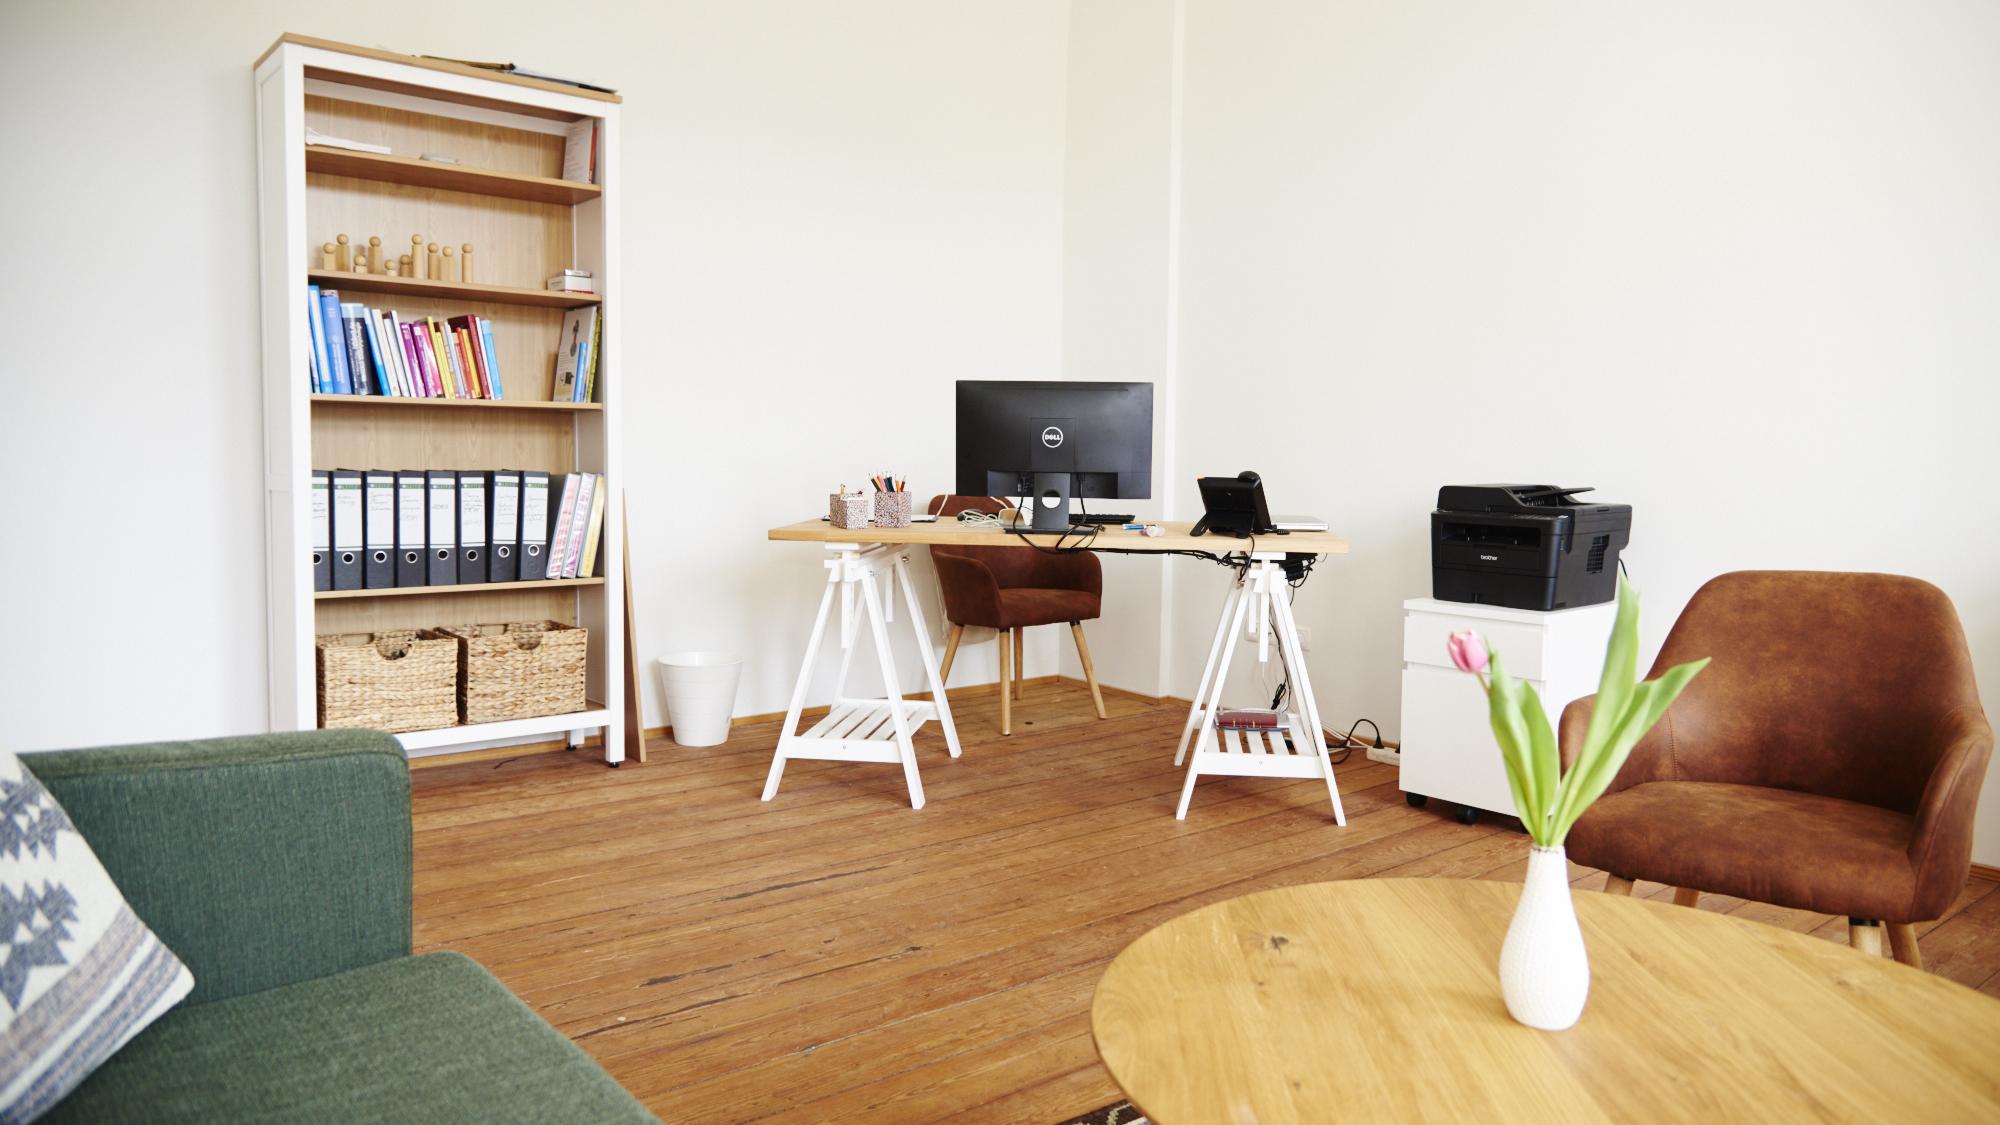 kosten bernahme praxis f r kinder und. Black Bedroom Furniture Sets. Home Design Ideas